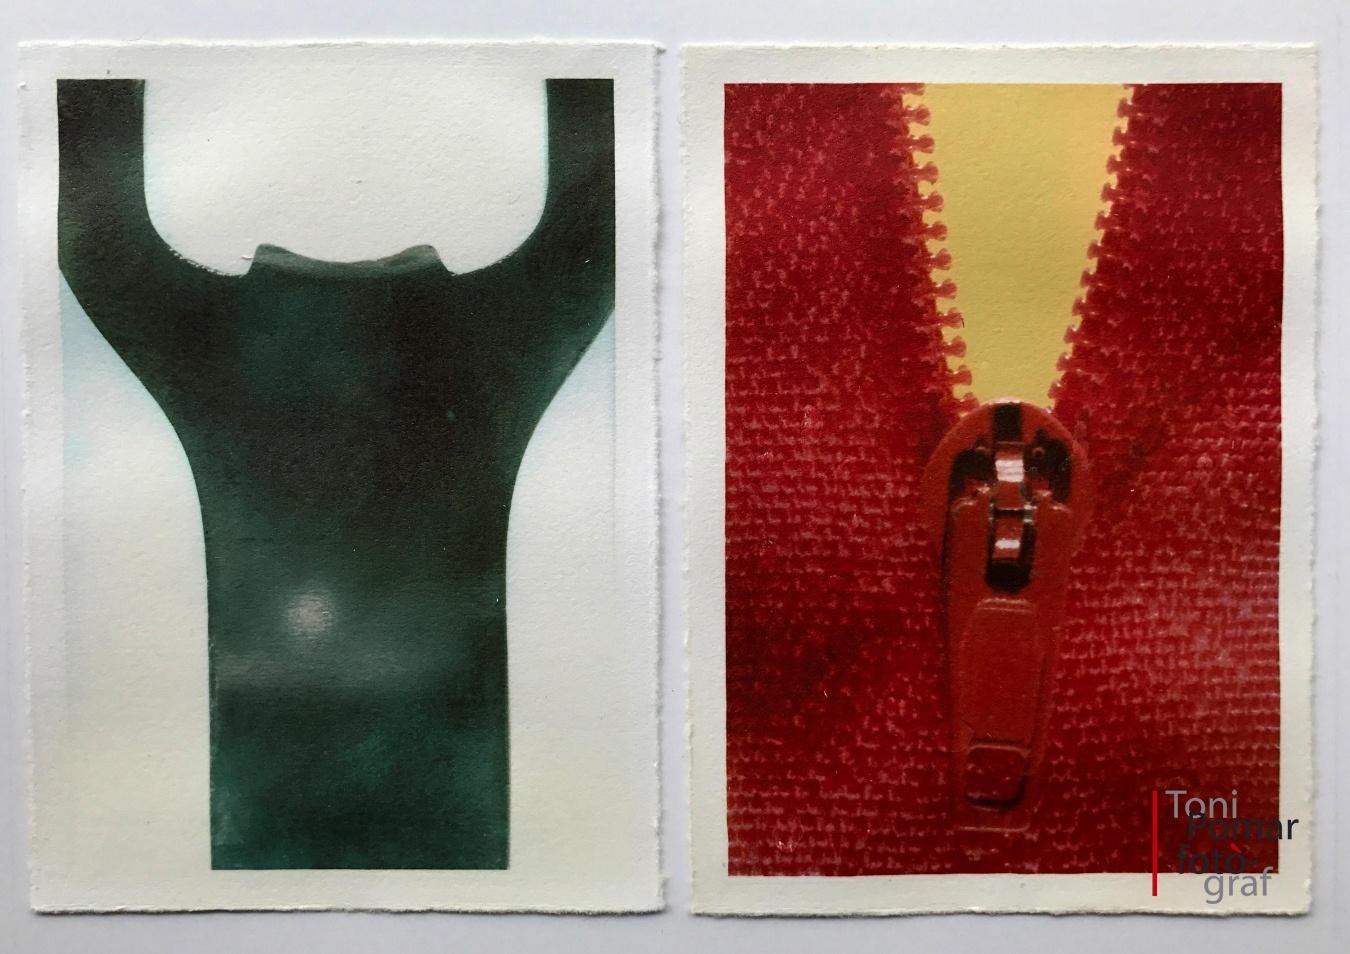 Y - Obridor d'ampolles   y - Cremallera vermella - Alfabet - Toni Pomar. Alfabet